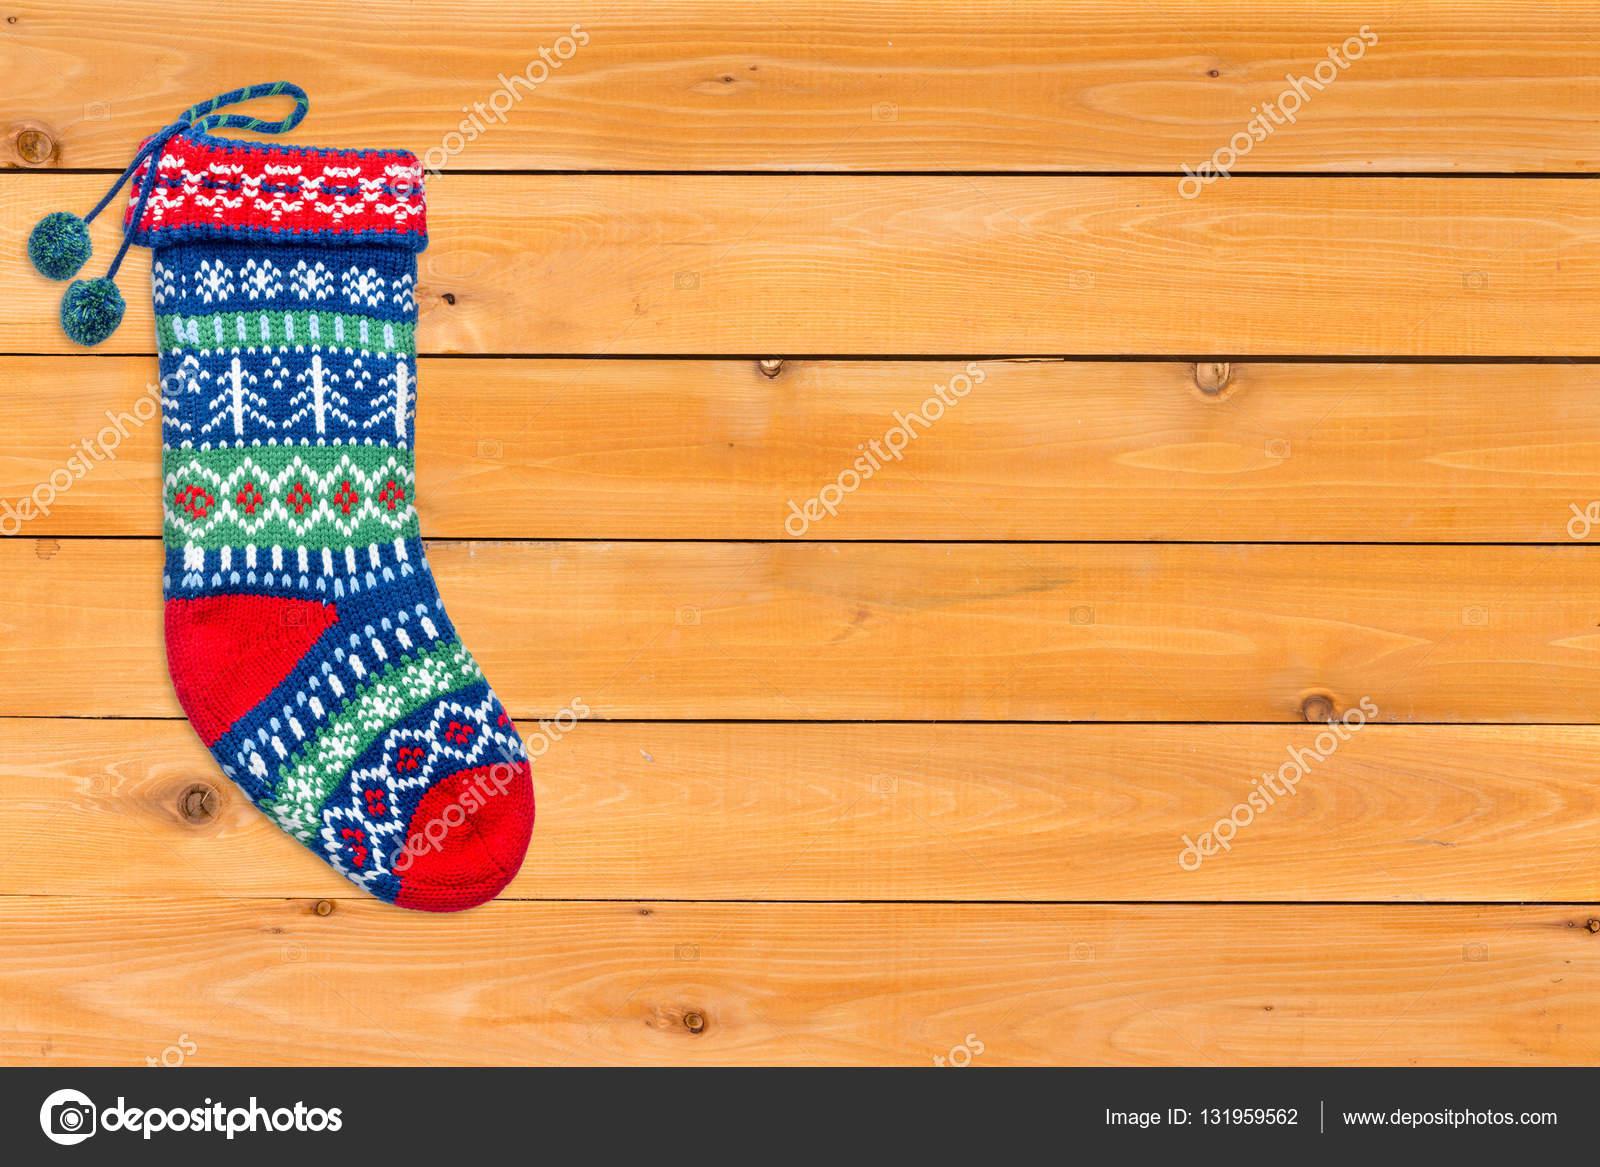 Solo media lana color brillantes de la Navidad — Fotos de Stock ...